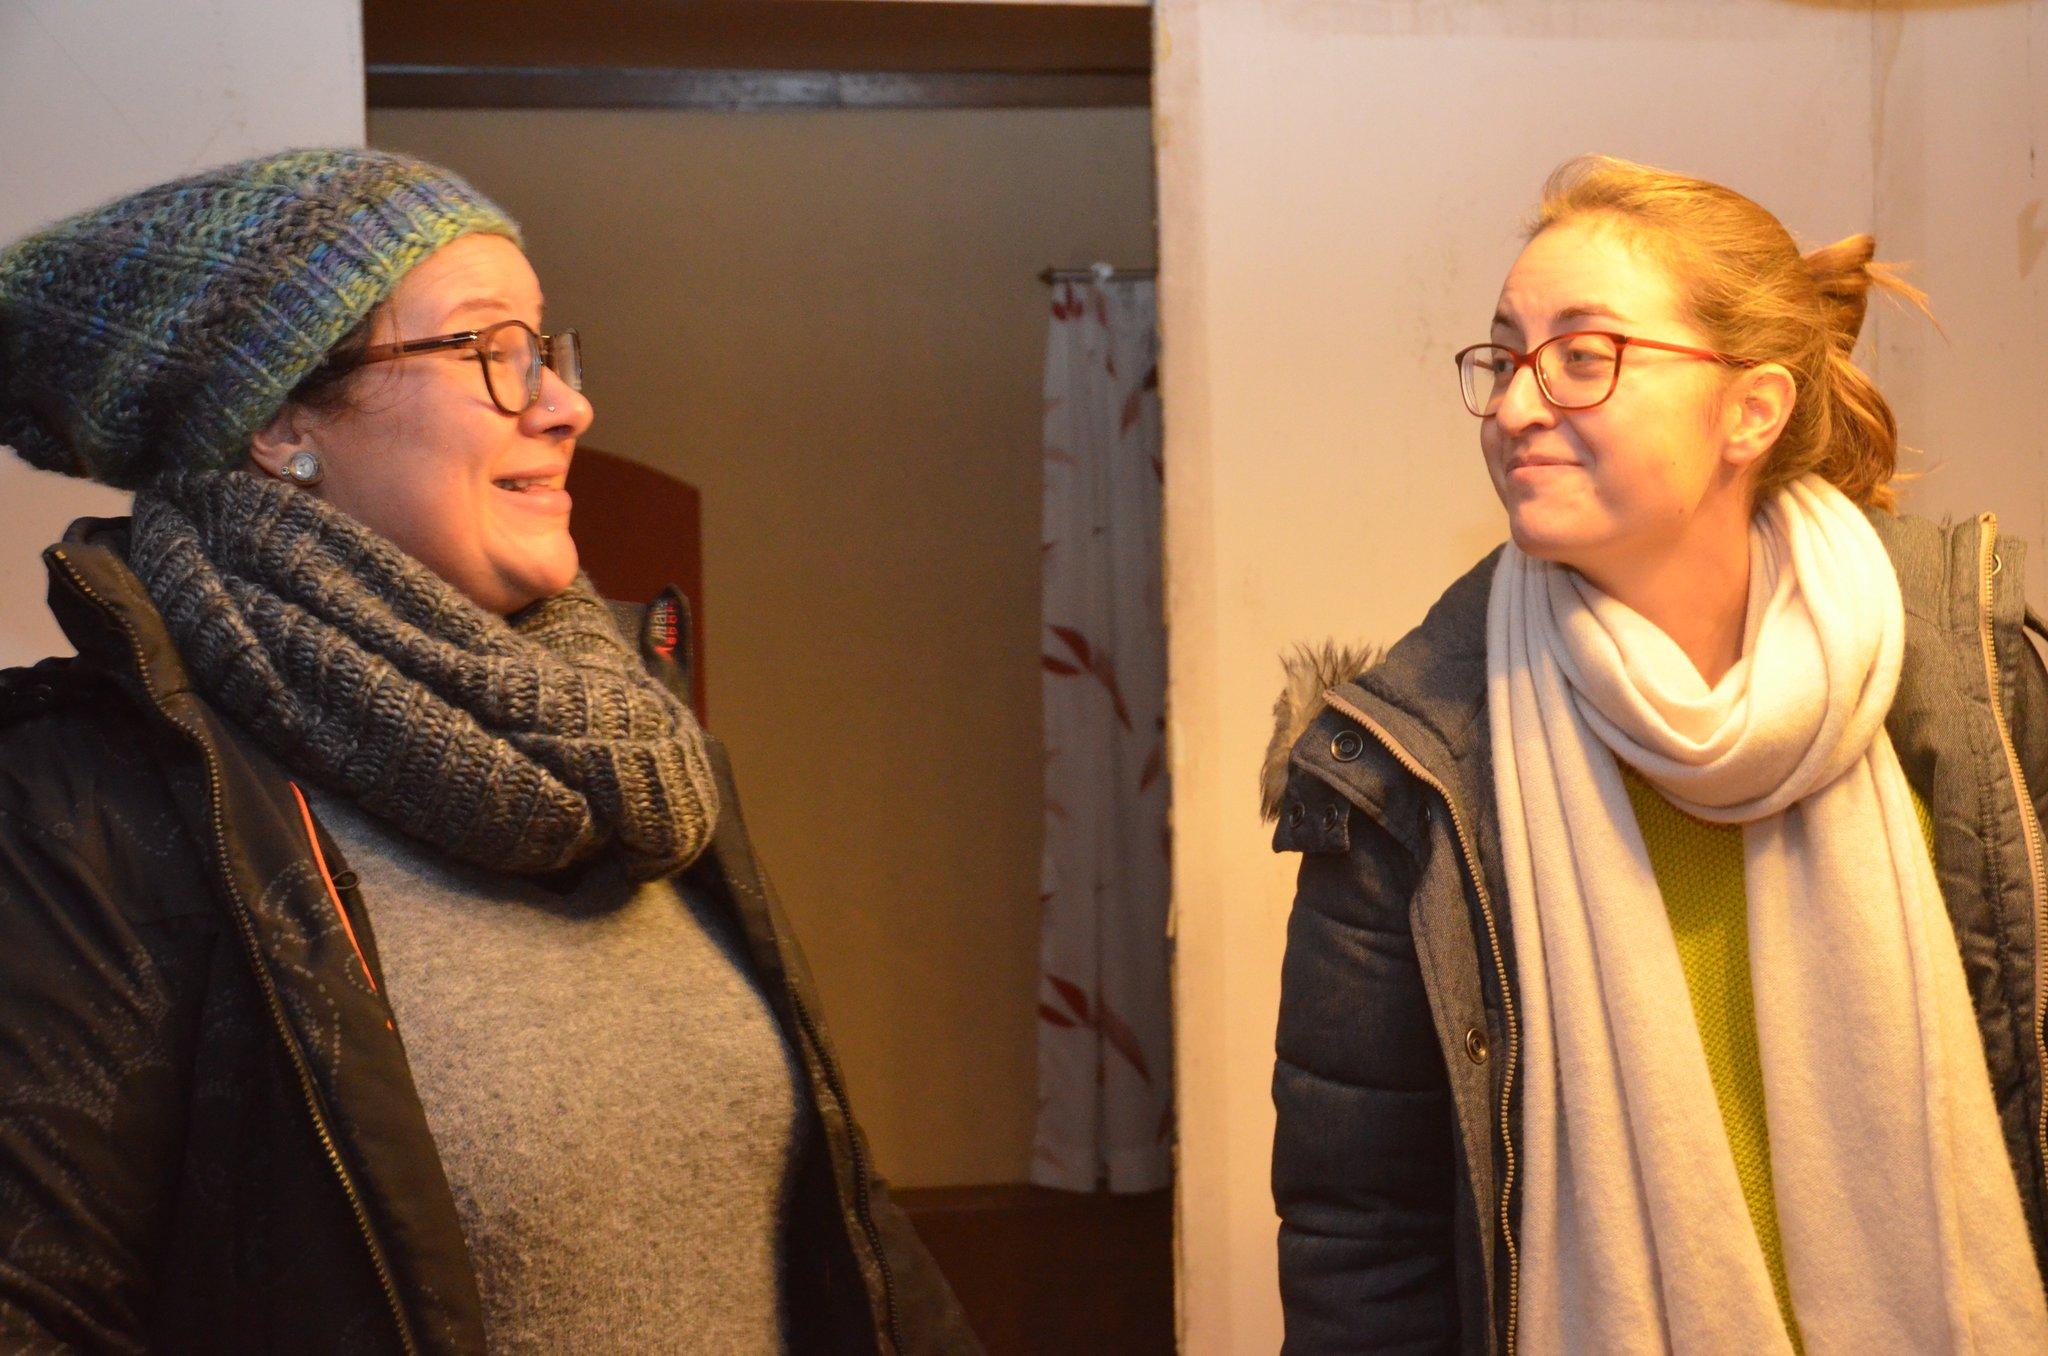 Mdchen kennenlernen aus wolfsbach: Sex sucht in Heideck